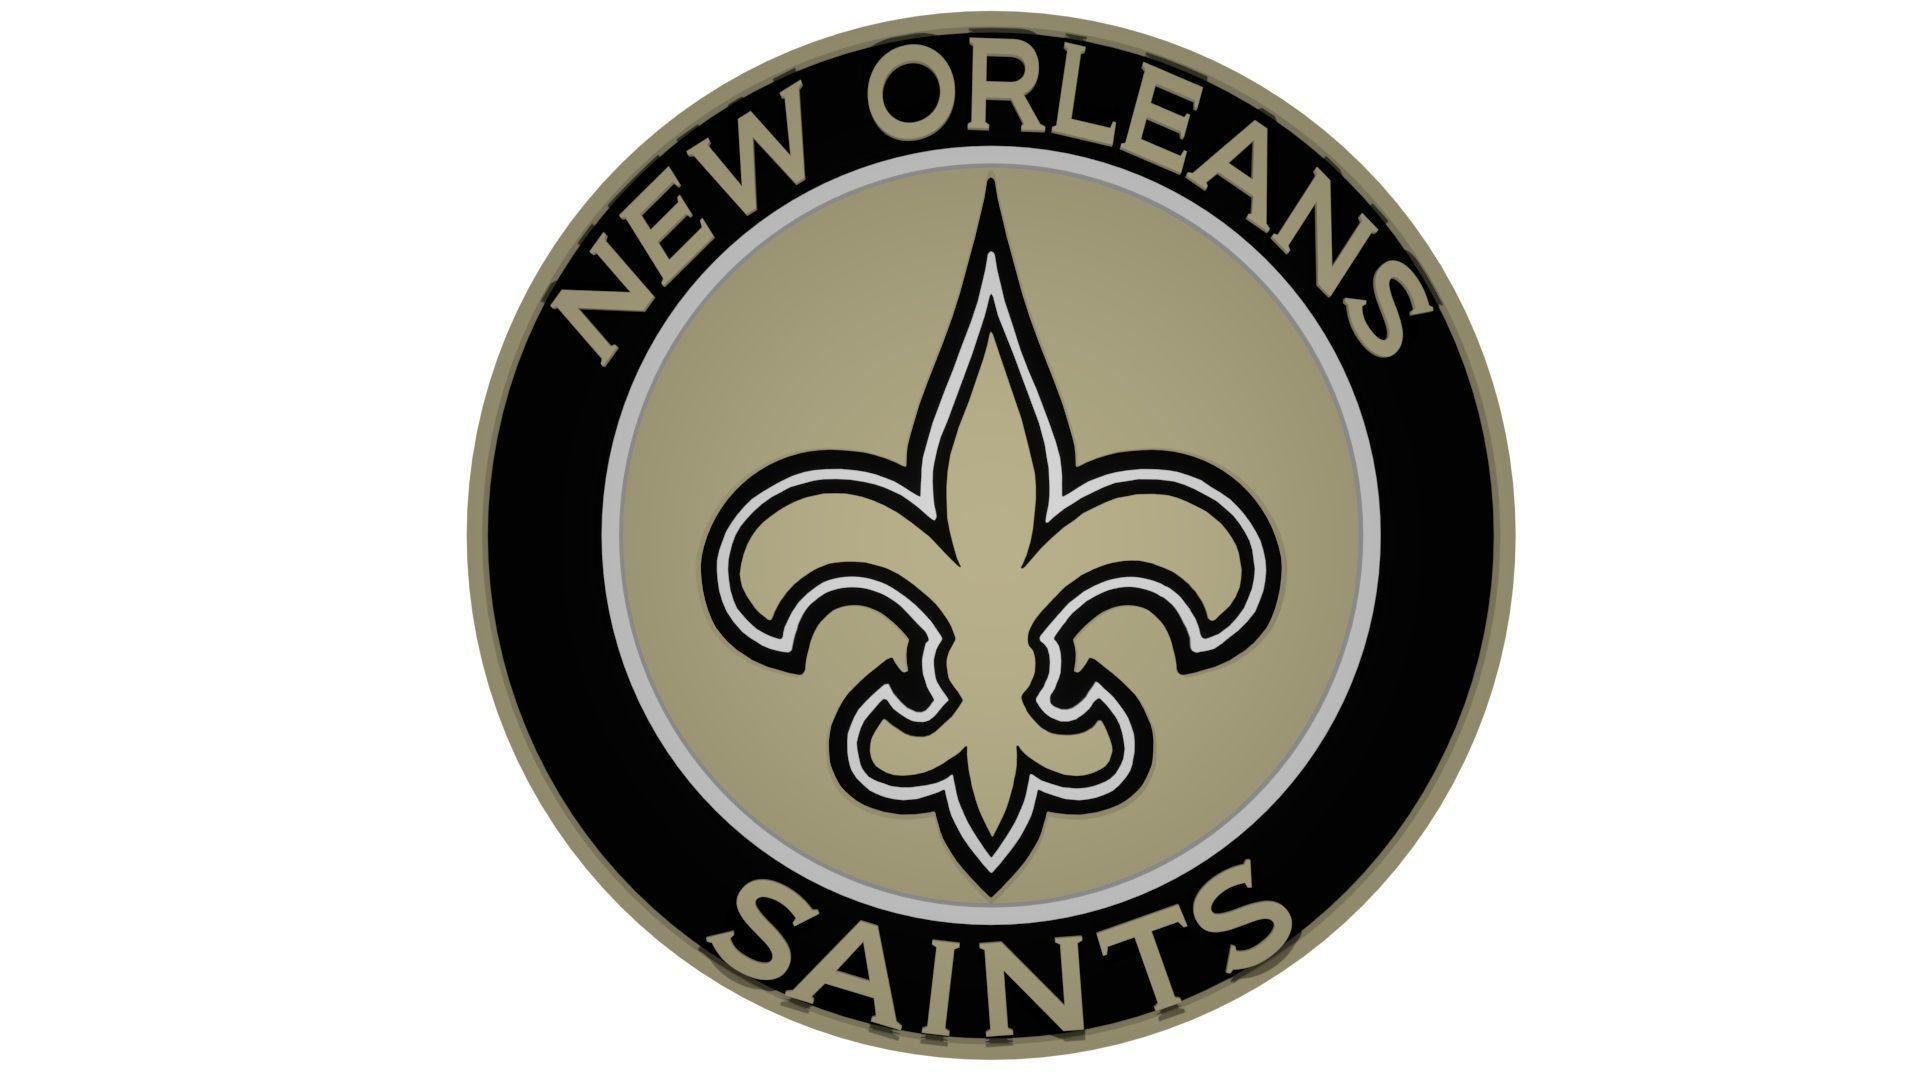 New Orleans Saints disc